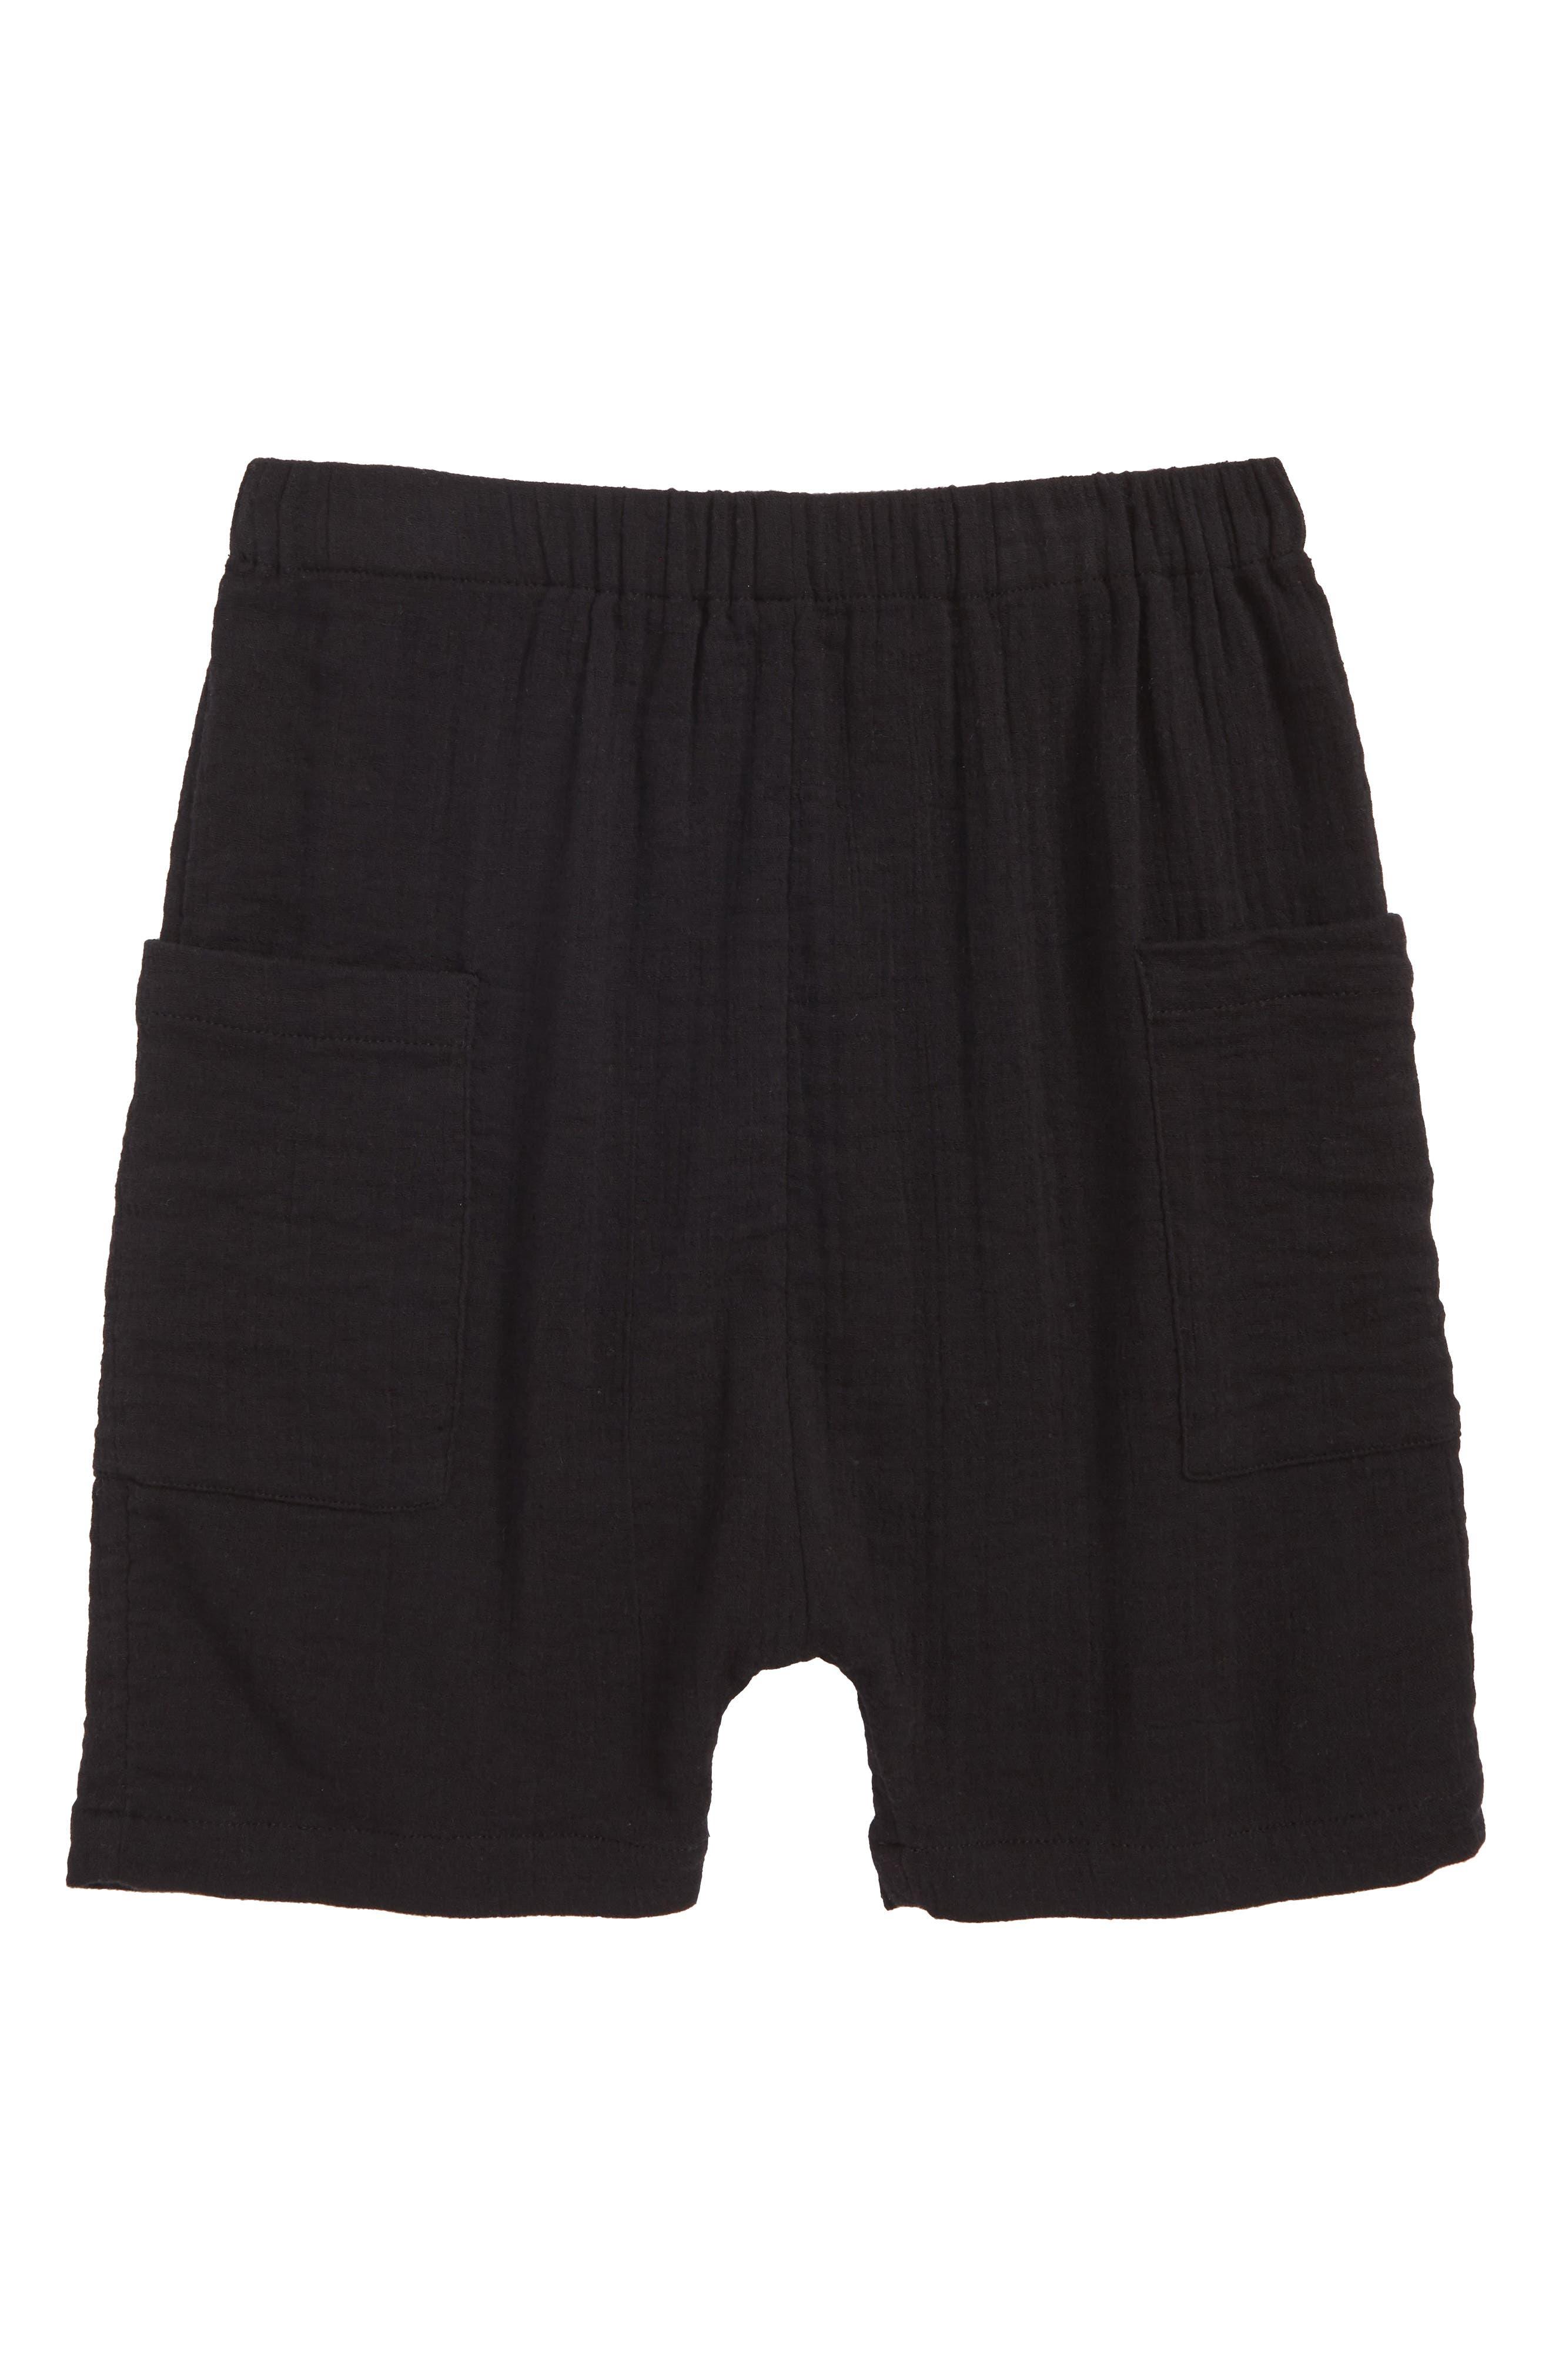 Textured Pocket Shorts,                             Main thumbnail 1, color,                             Black